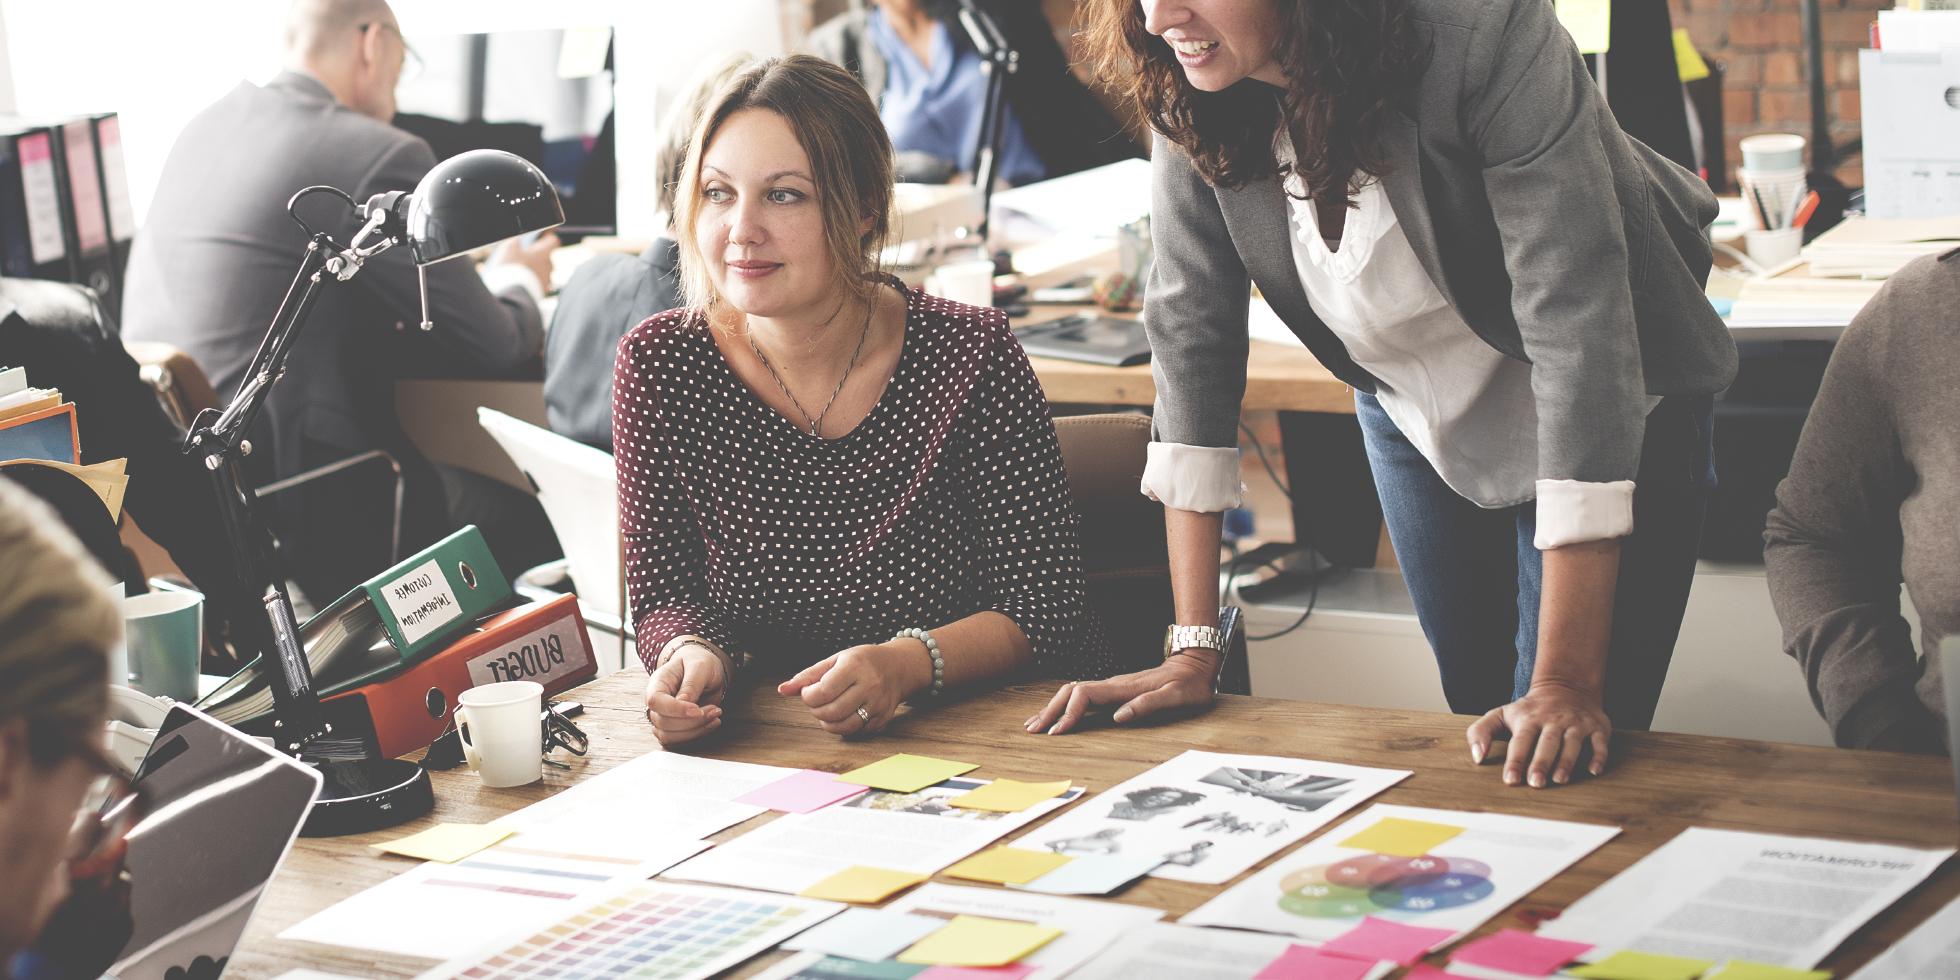 Есть контакт: 4 техники успешных переговоров для женщин